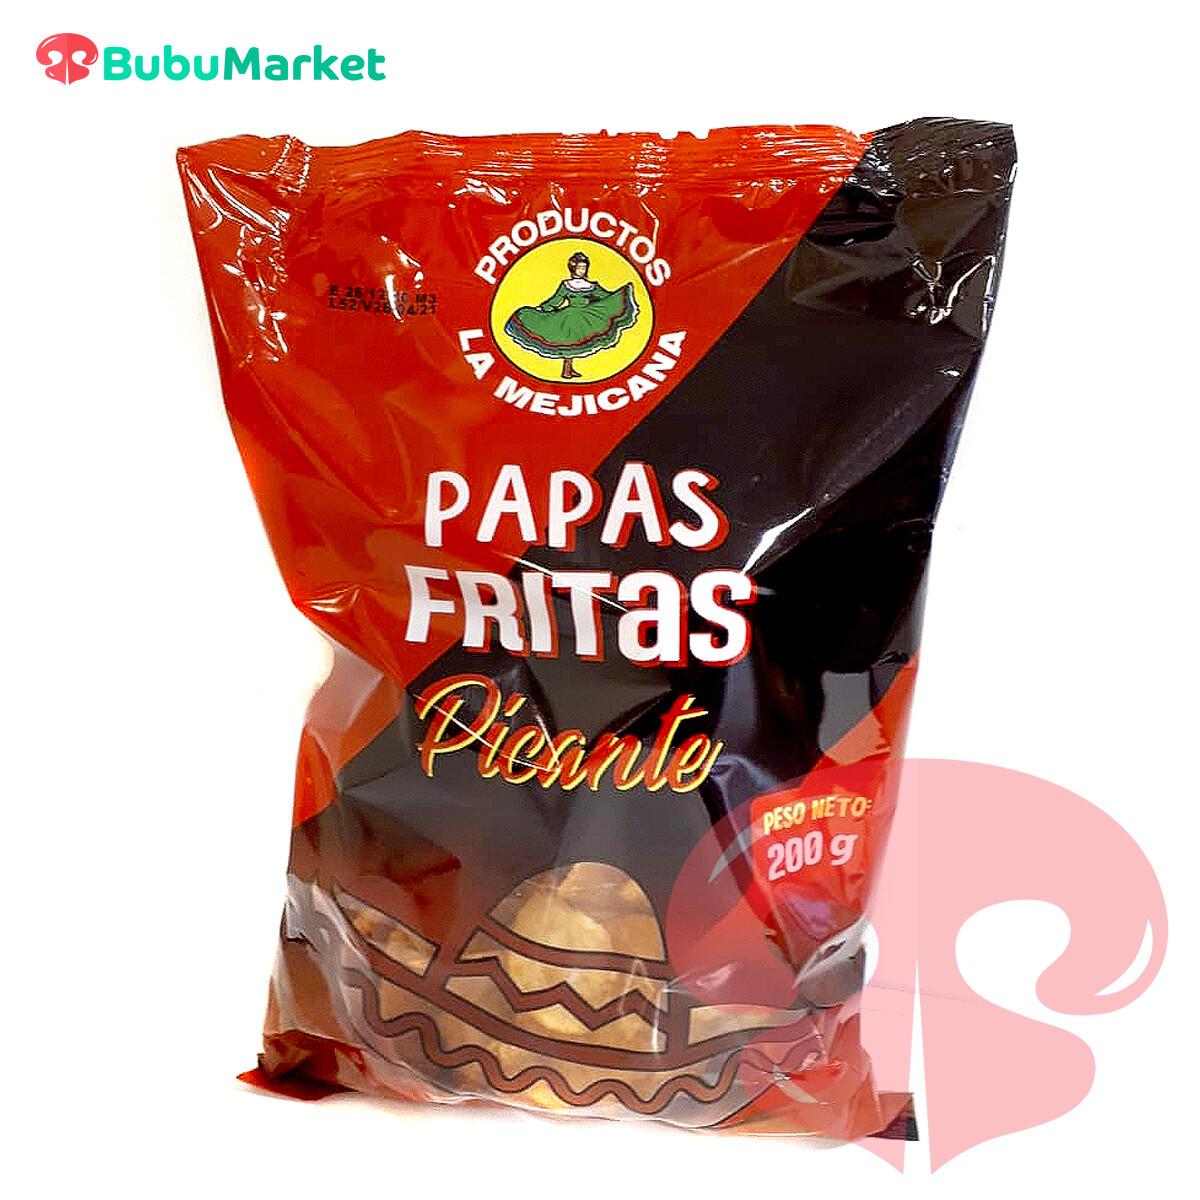 PAPAS FRITAS PICANTES LA MEJICANA 200 GR.